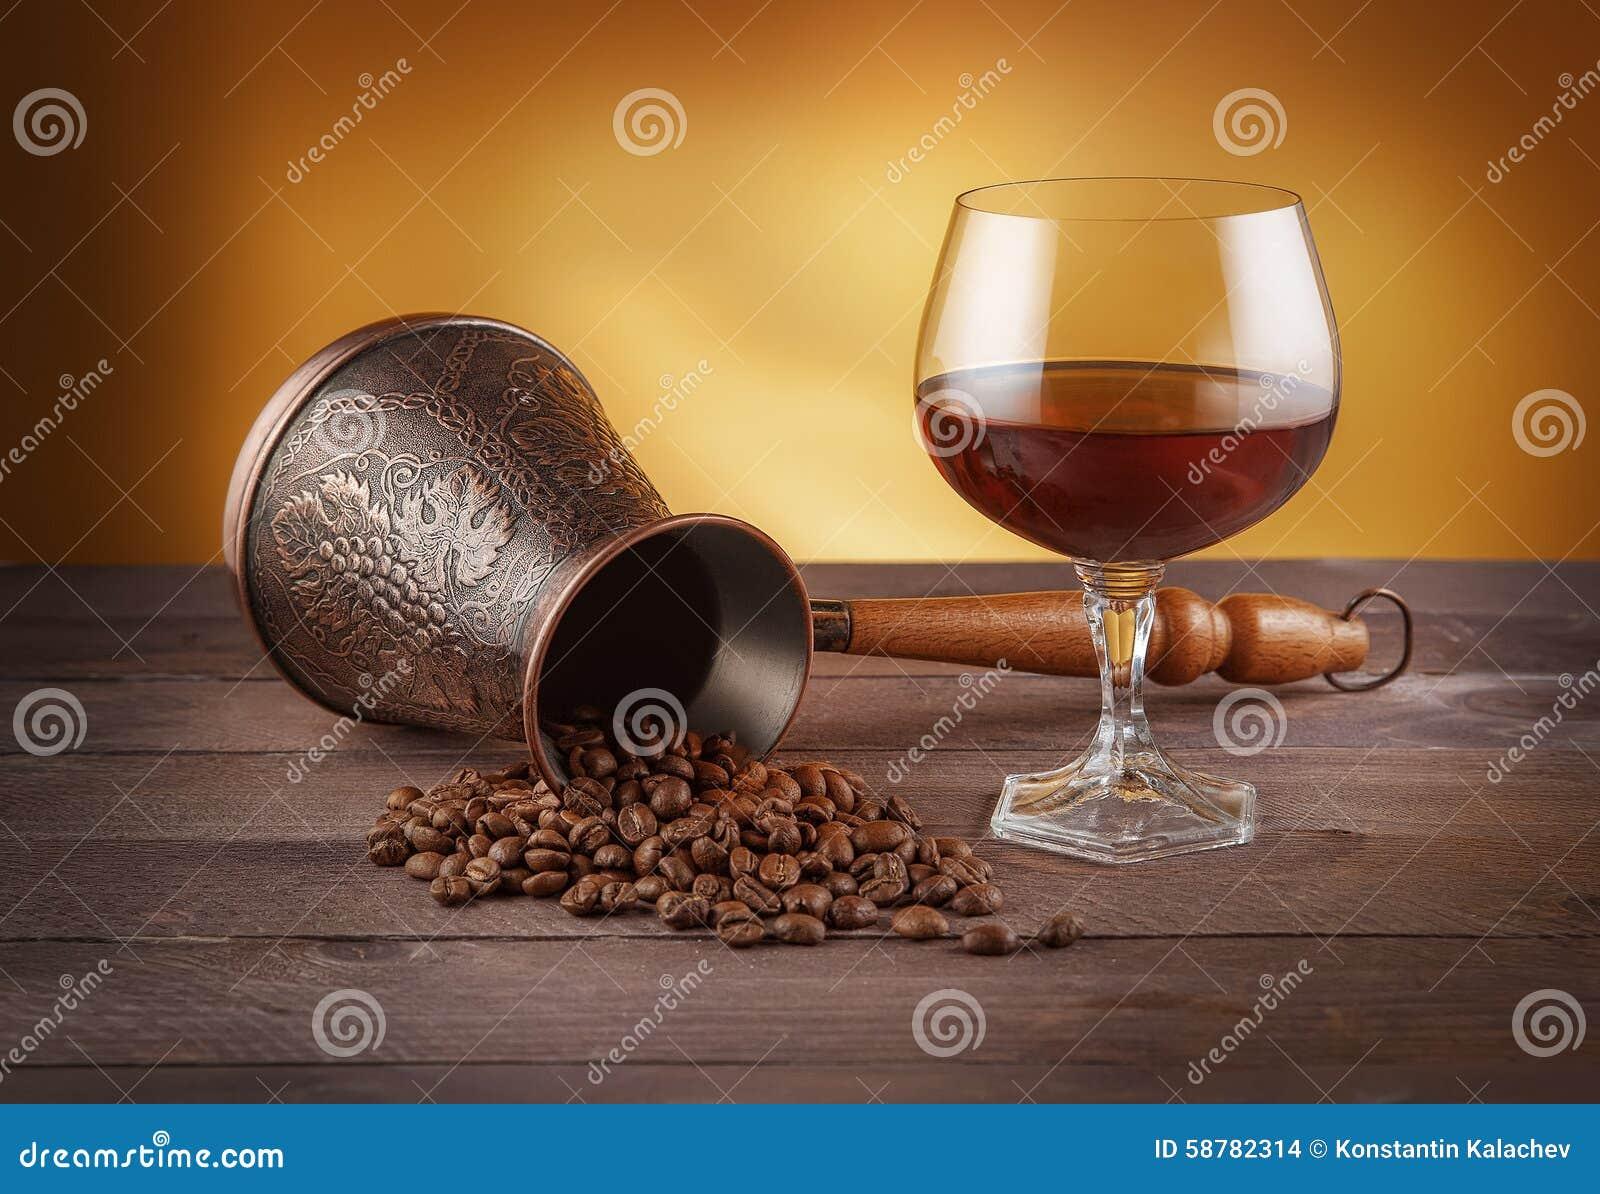 Cezve с кофейными зернами и стеклом вискиа